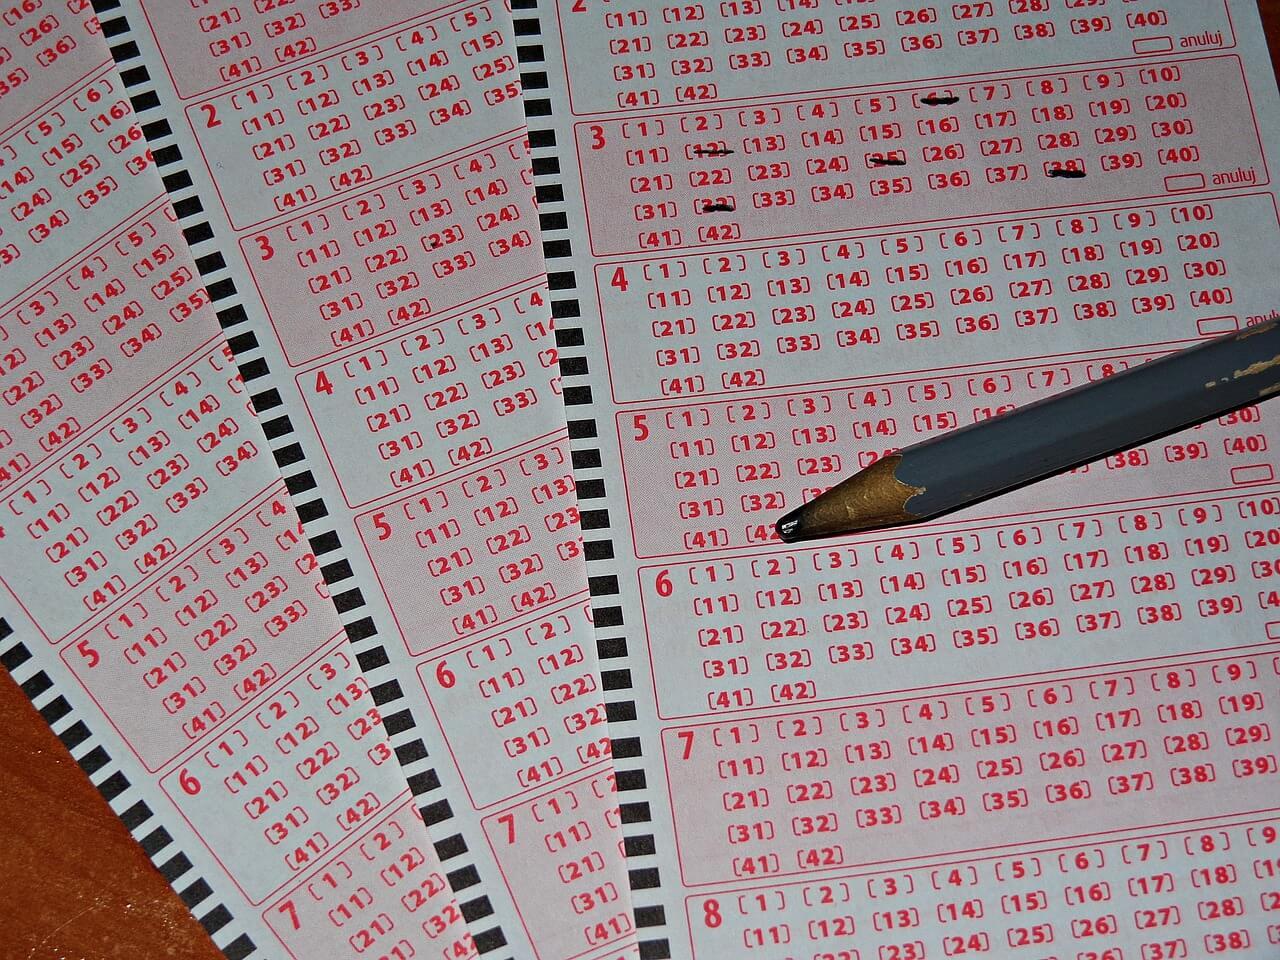 Lottozahlen online abrufen